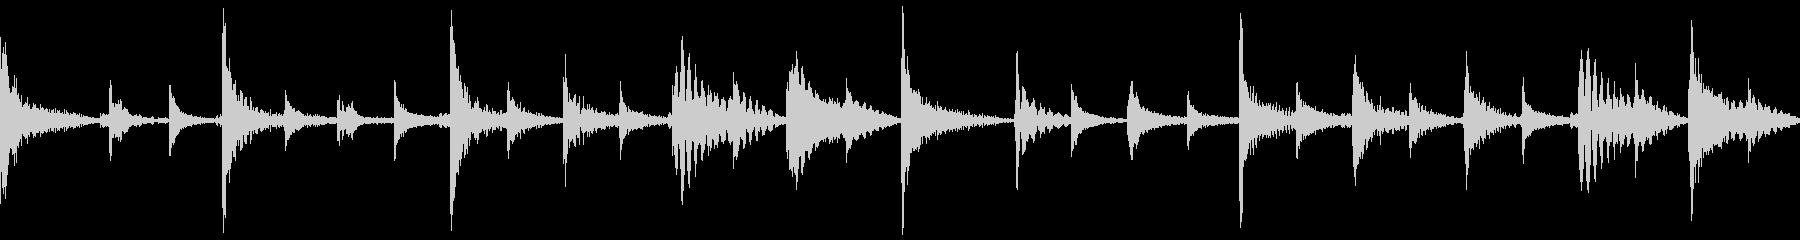 南米とヒップホップの影響をブレンド...の未再生の波形